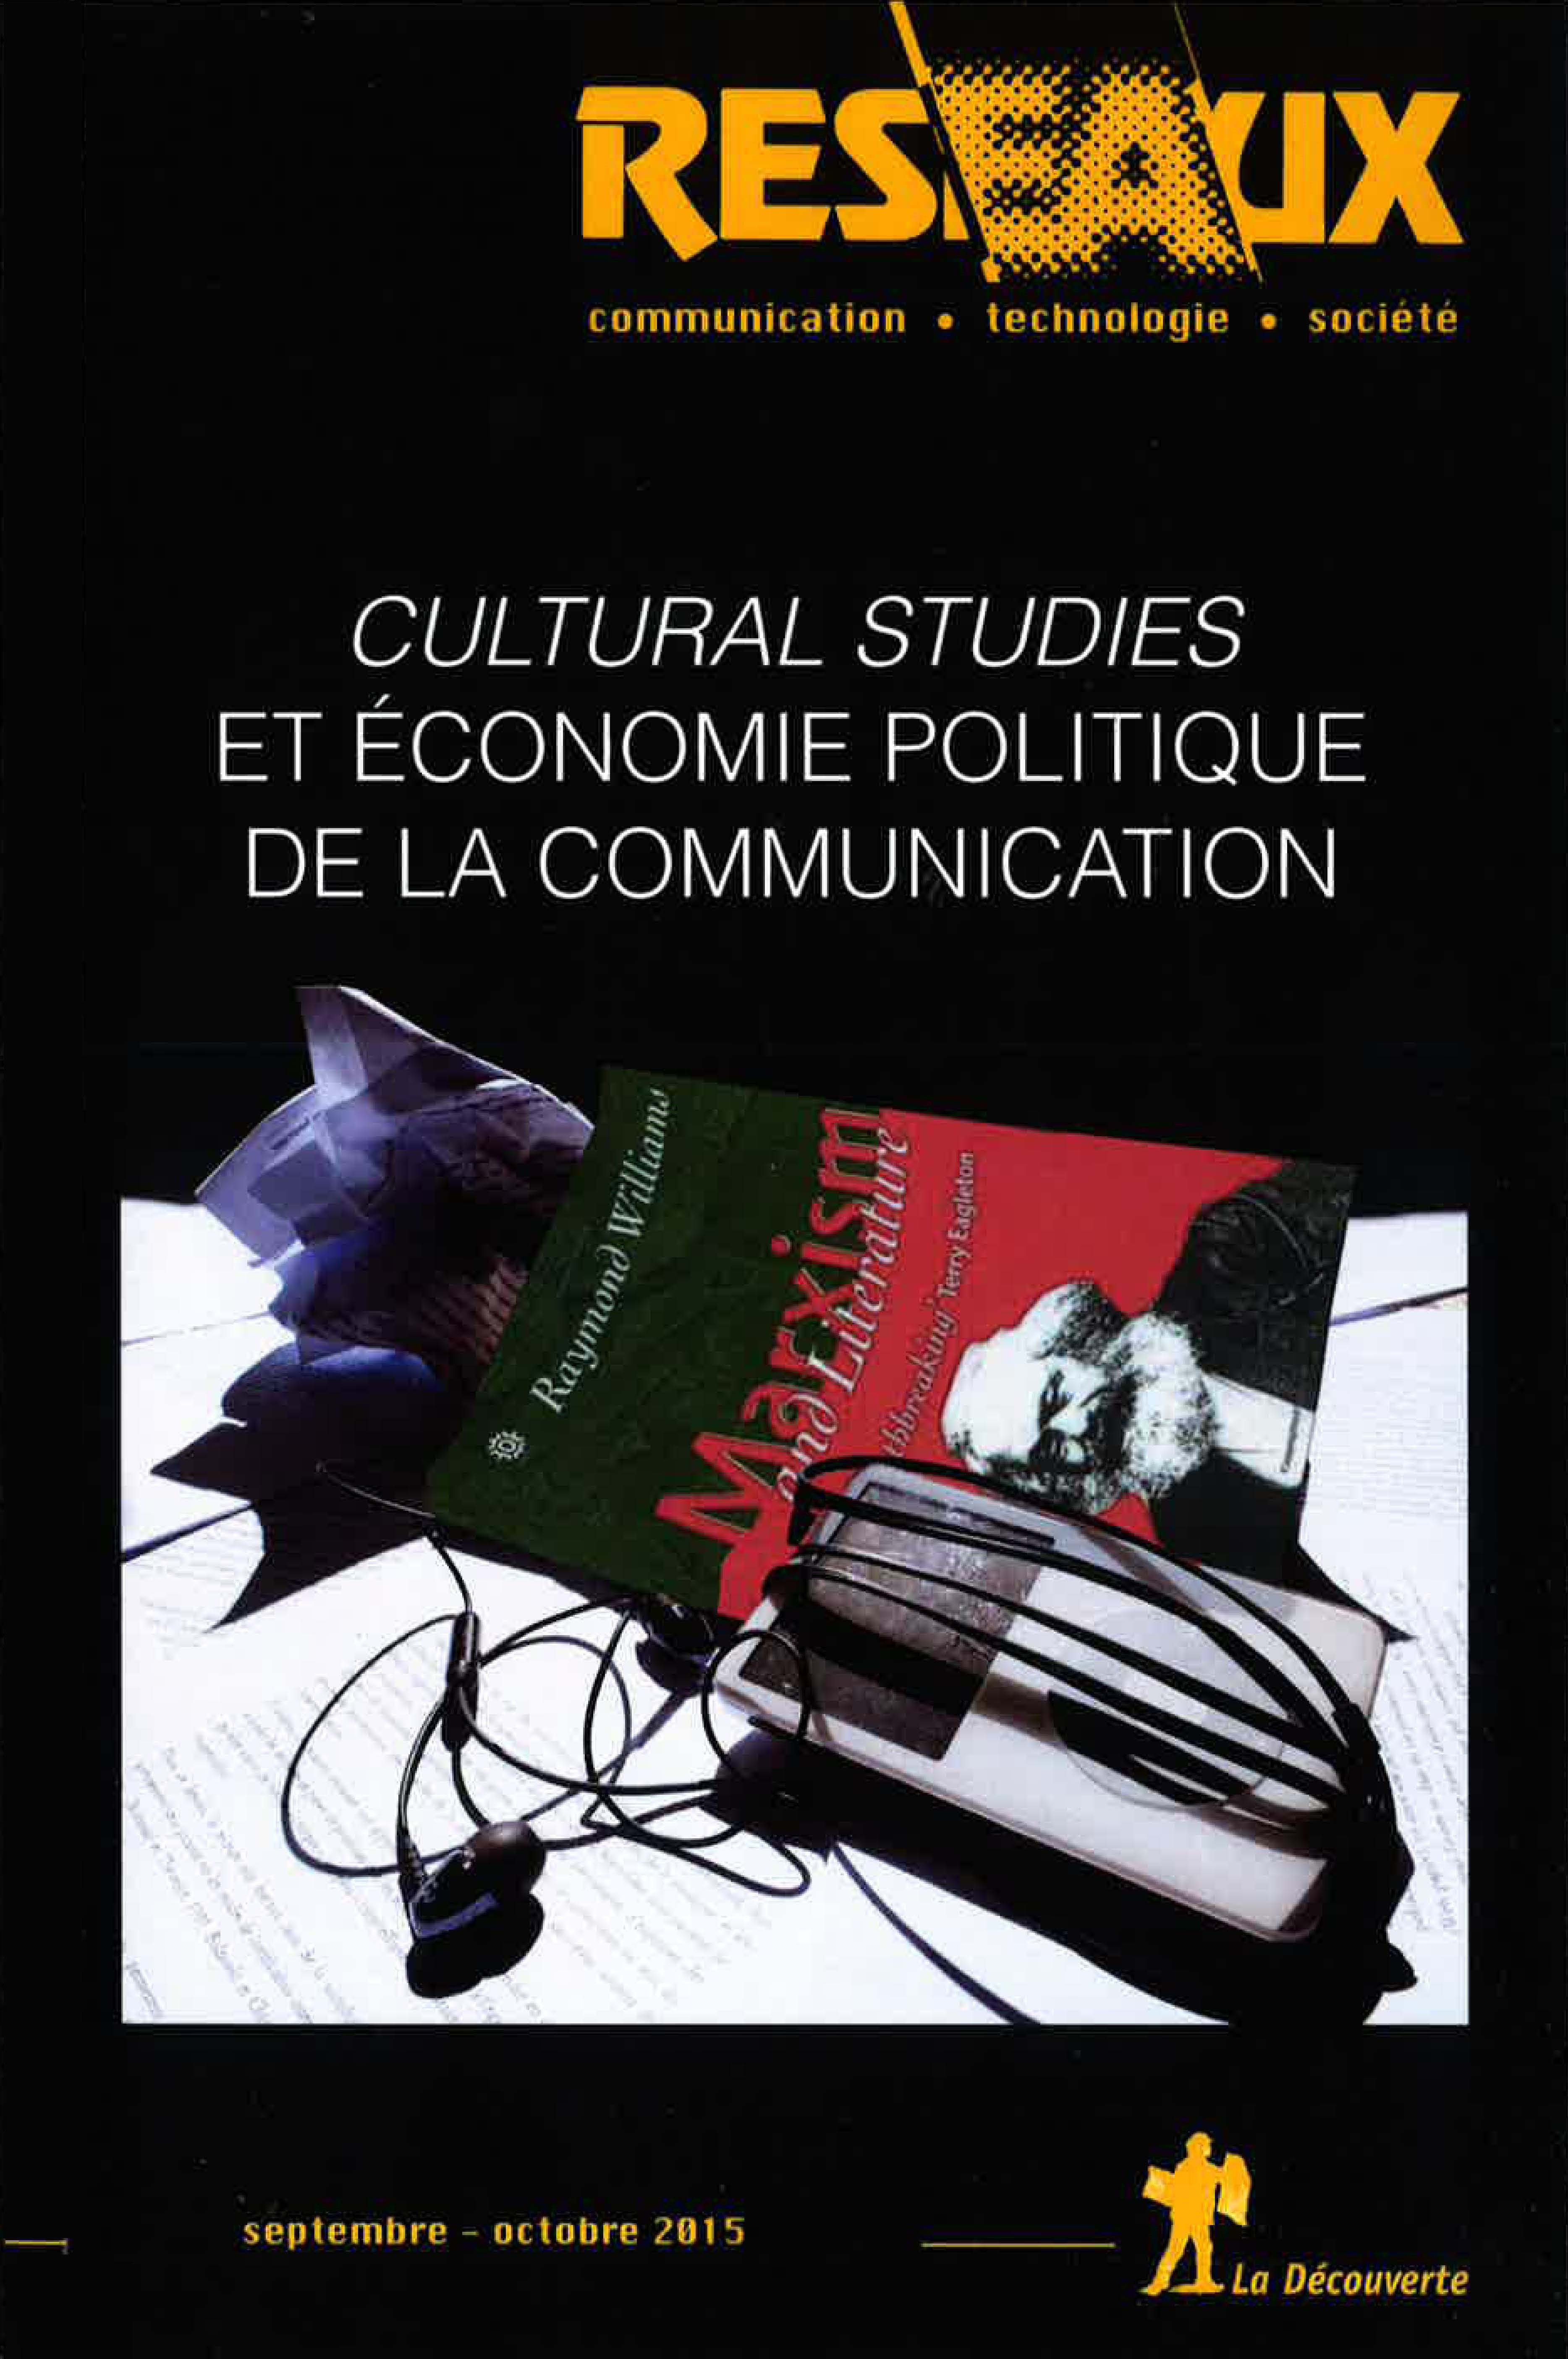 Cultural studies, production et économie morale | Cairn info